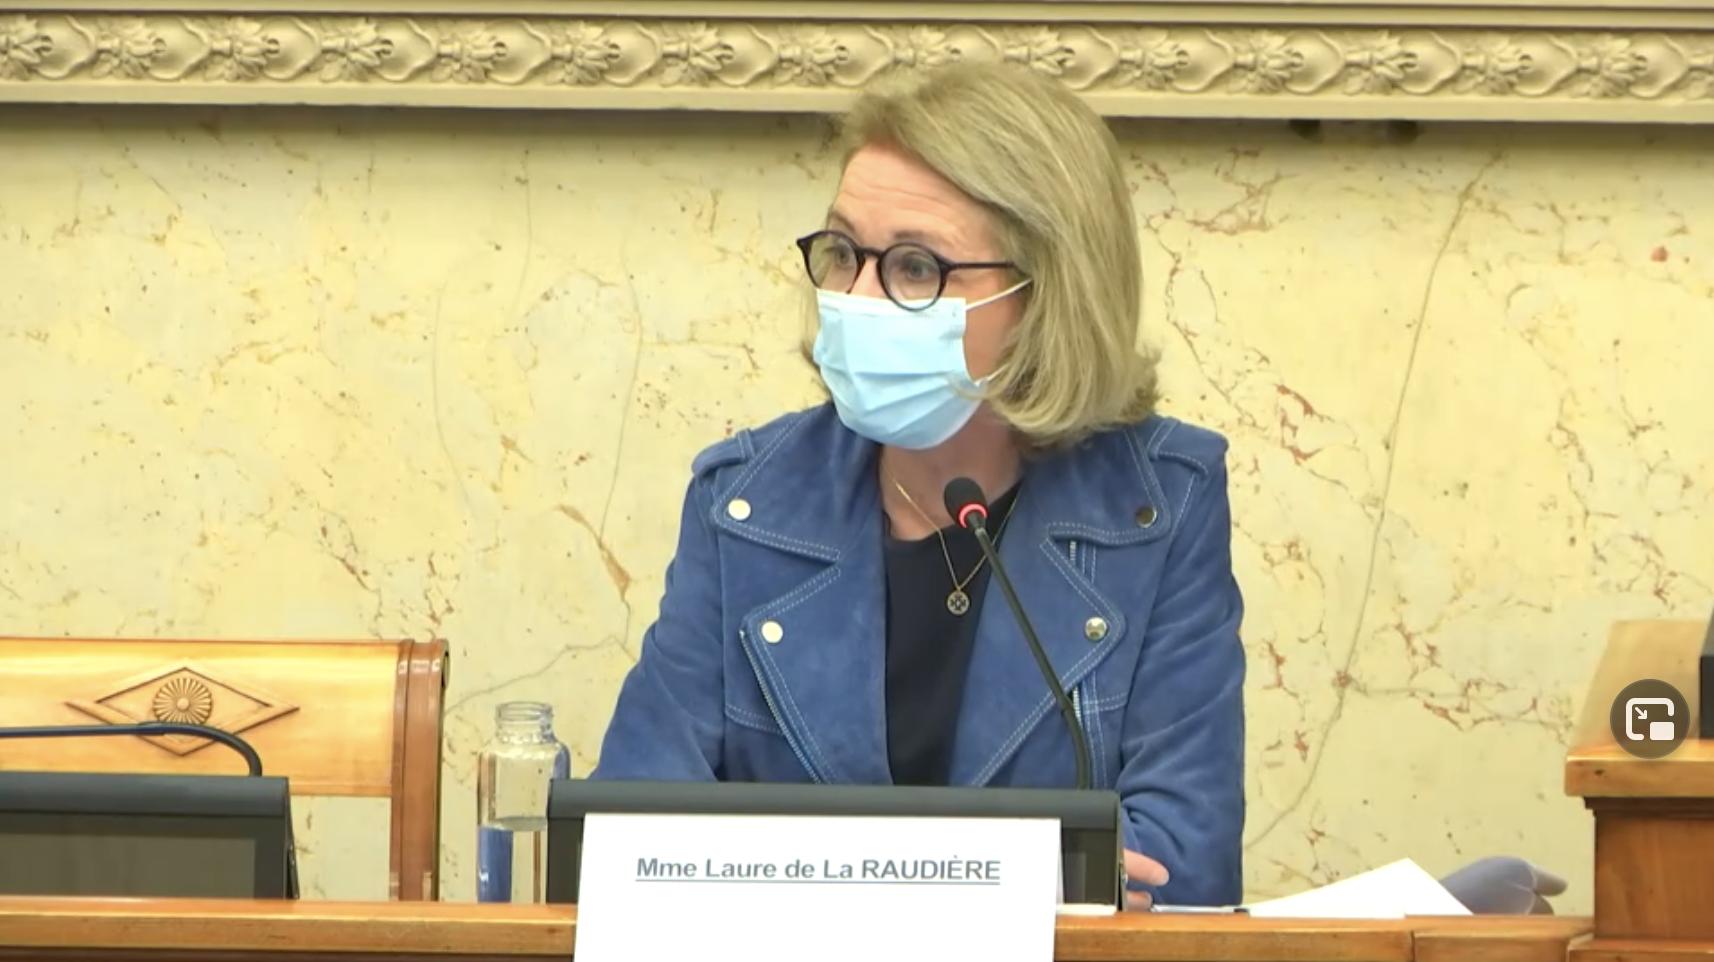 Laure de La Raudière, lors de son audition préalable pour la fonction de présidente de l'ARCEP à l'Assemblée nationale, le 13 janvier dernier © Assemblée nationale